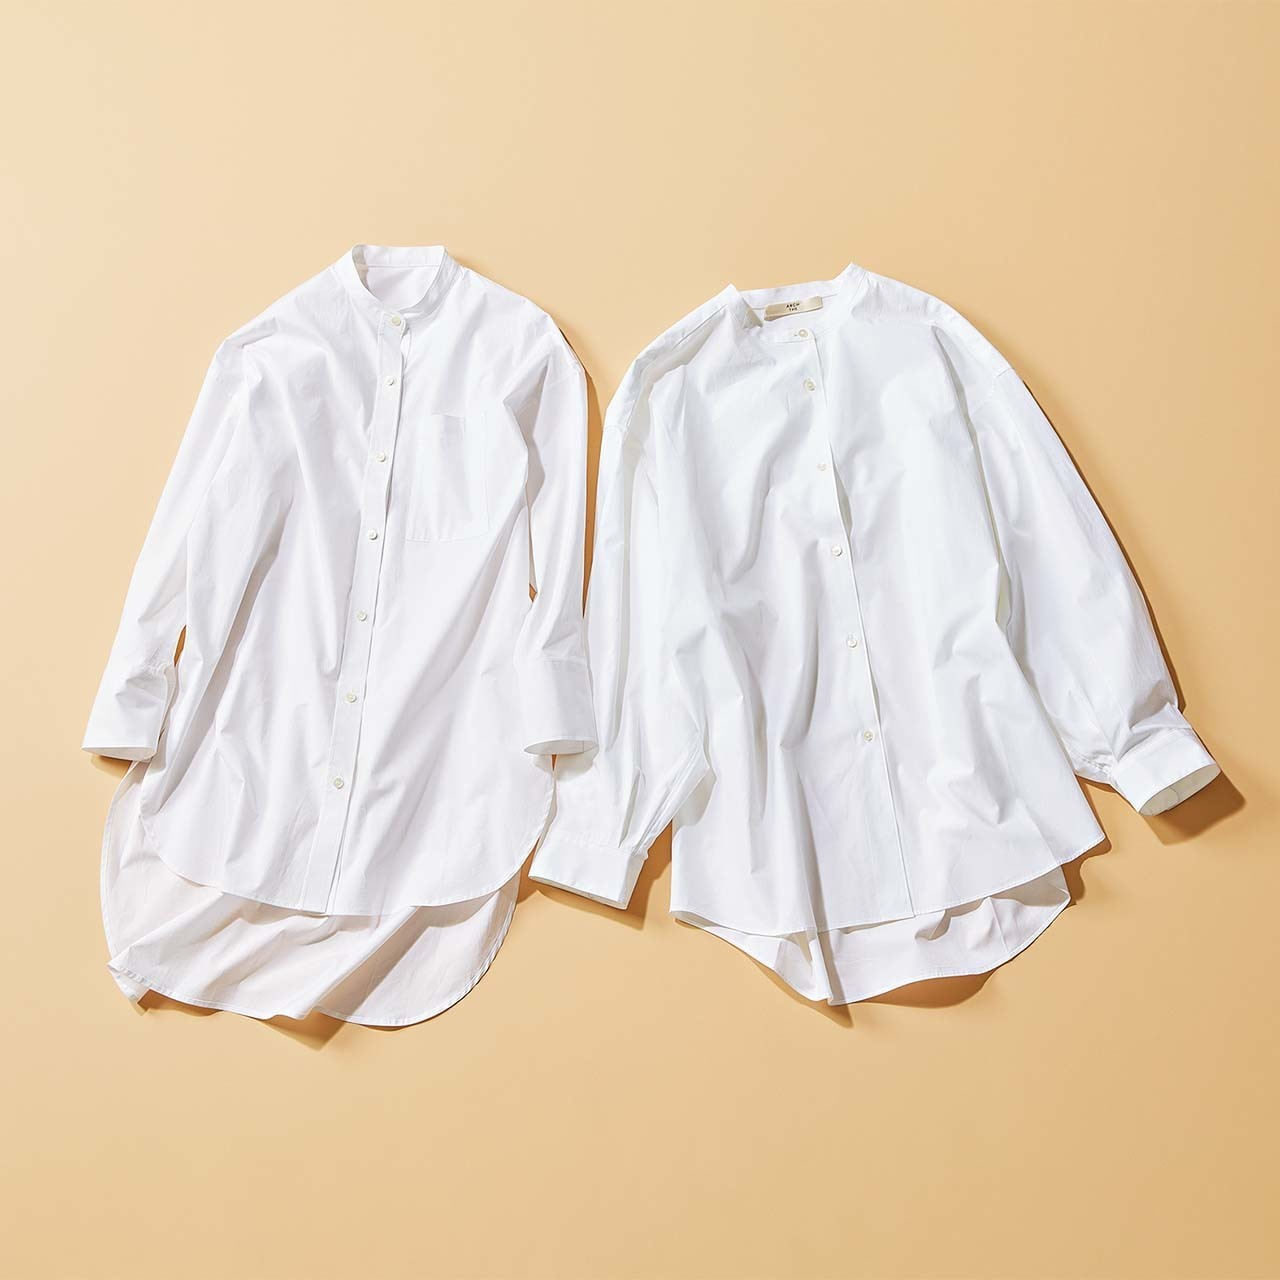 キーワードは【女性らしい・清潔・親しみやすい】アラフォーのための婚活ファッション30選_1_5